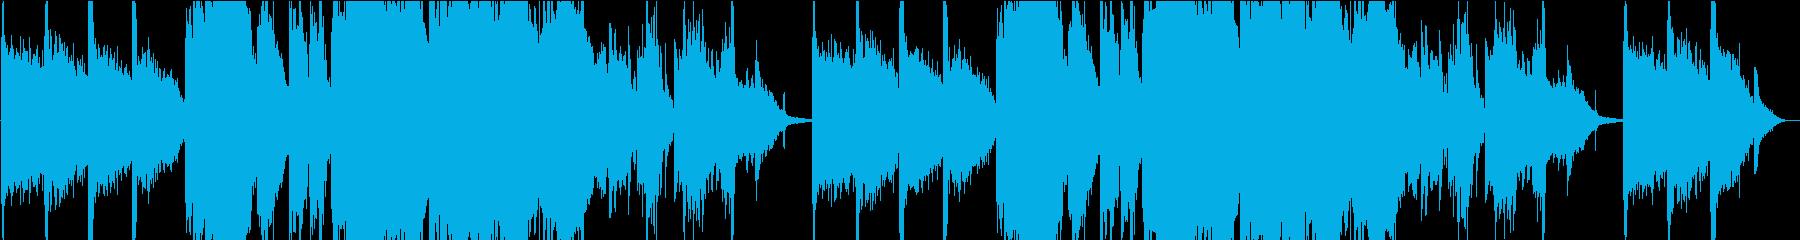 幻想的なピアノとコーラス曲の再生済みの波形